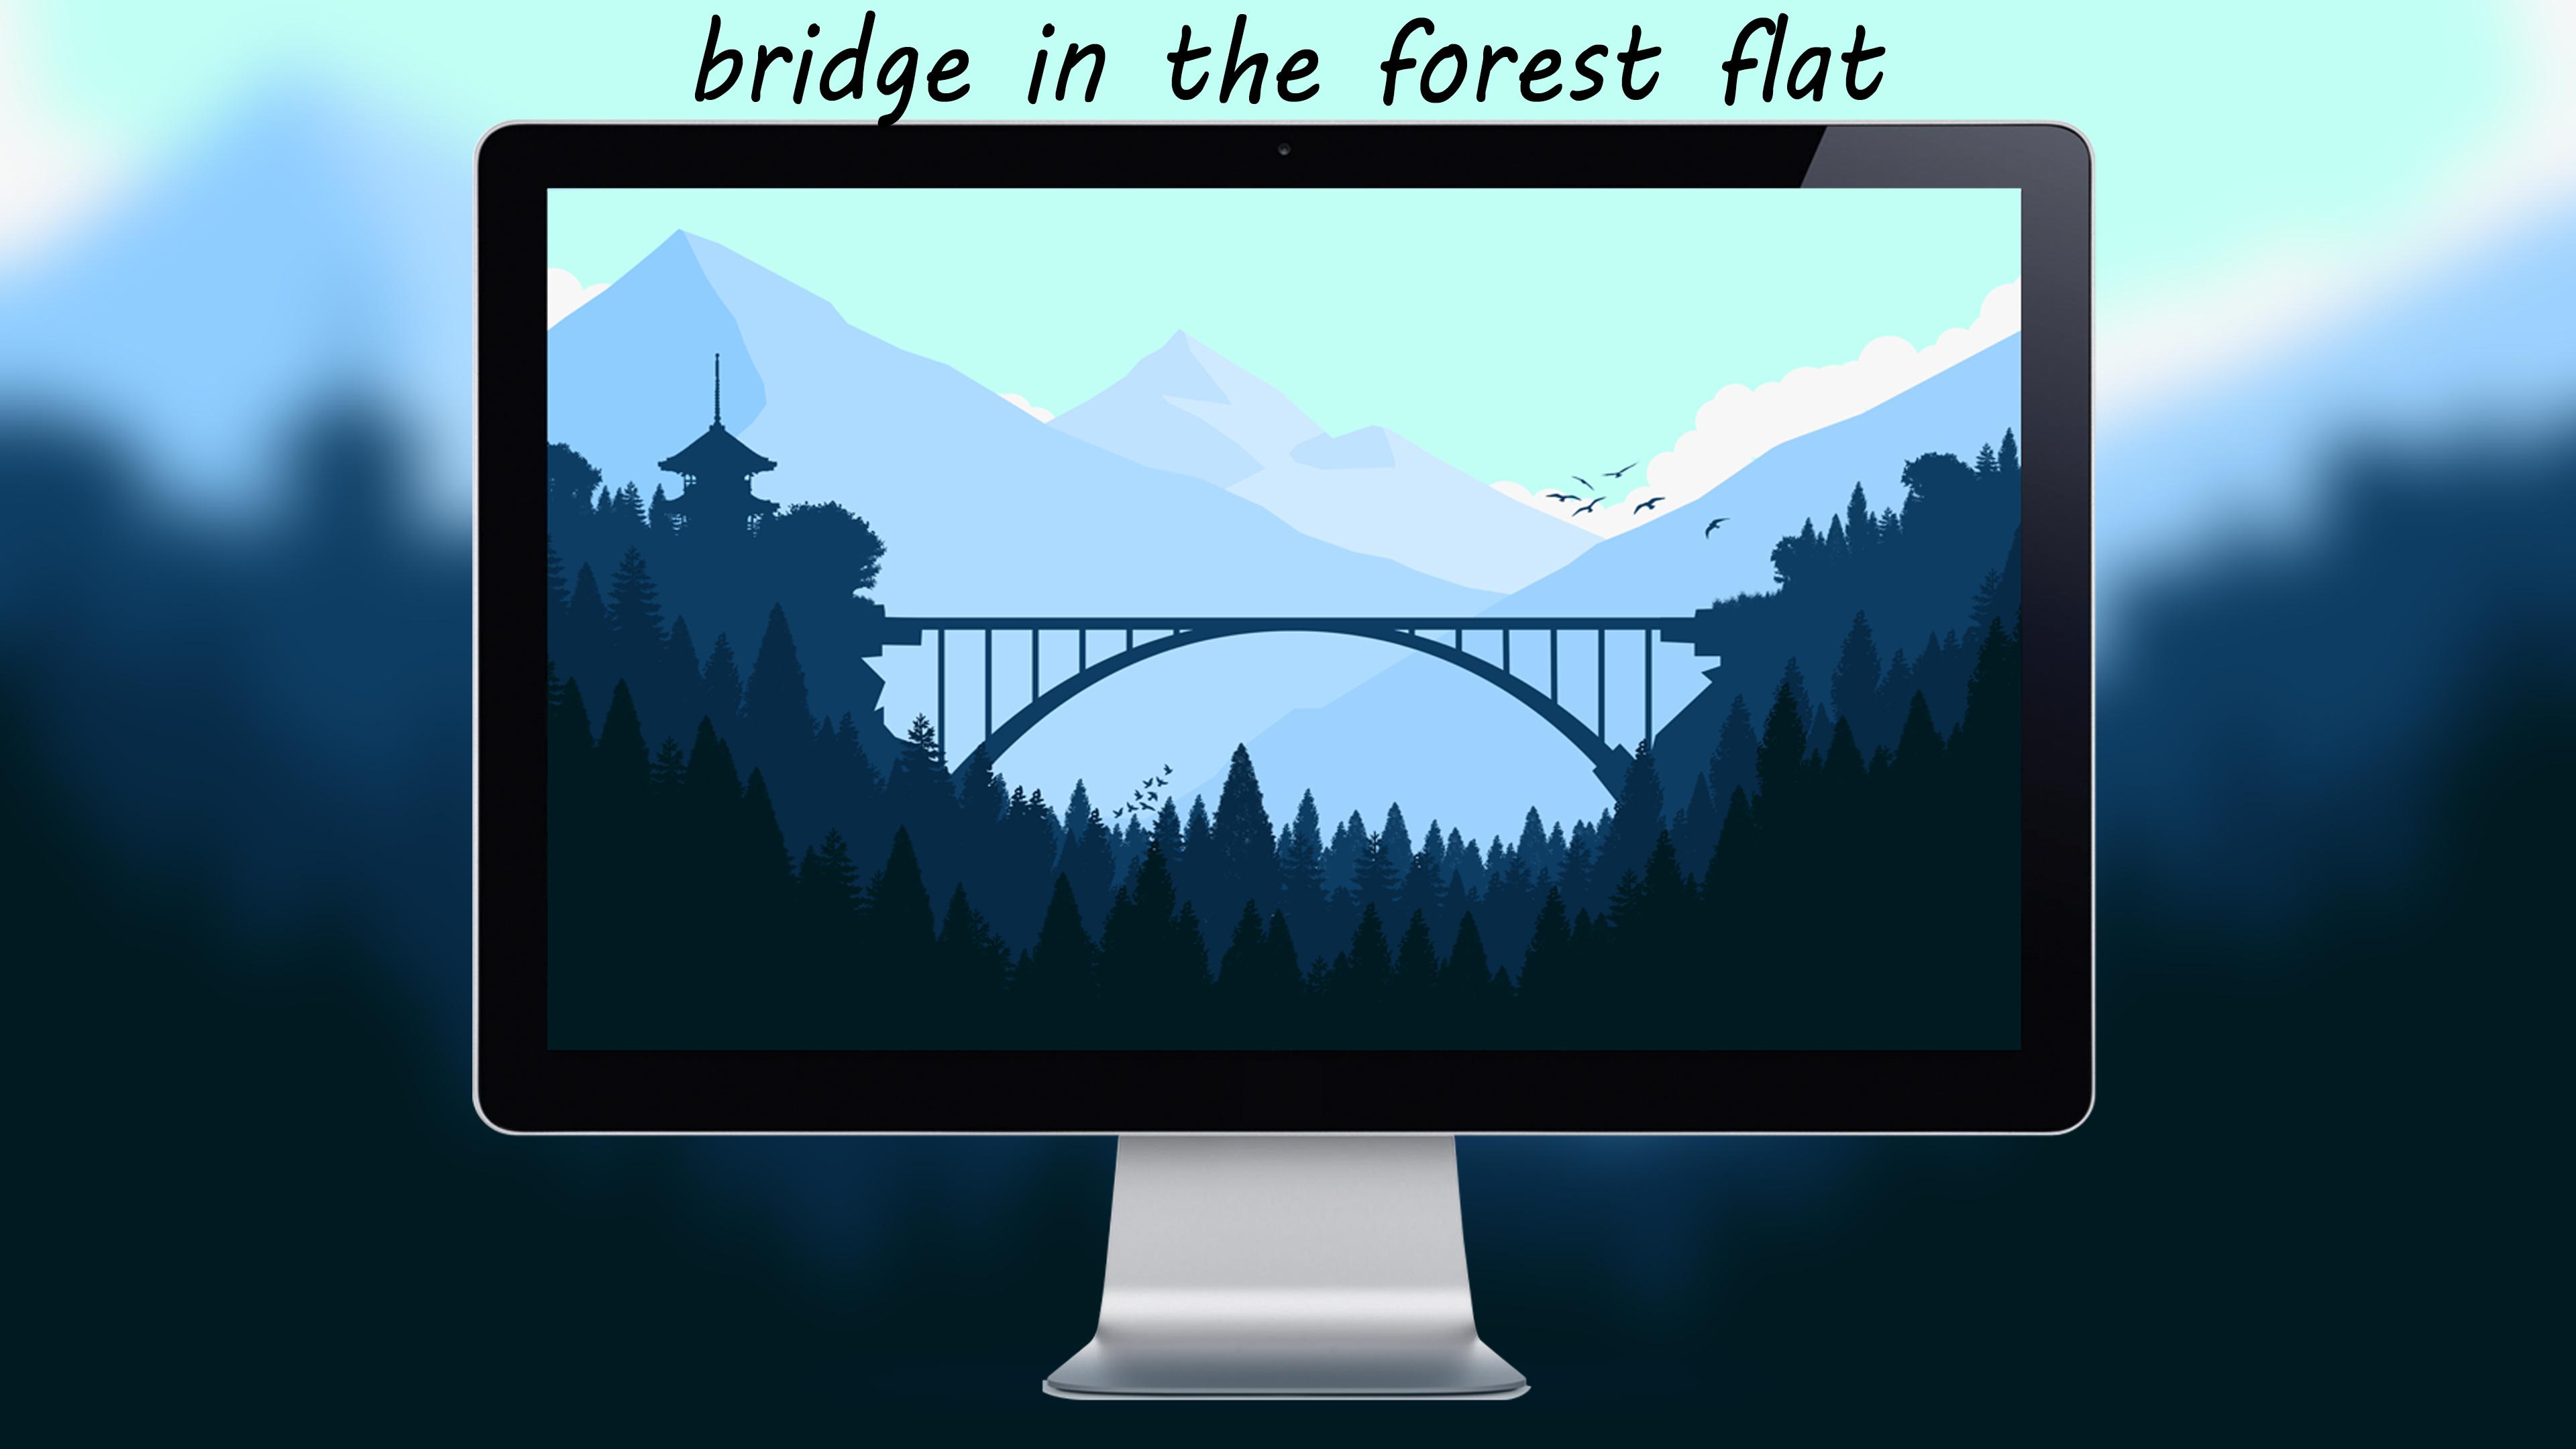 Bridge In The Forest Flat By Designuchiha by designuchiha